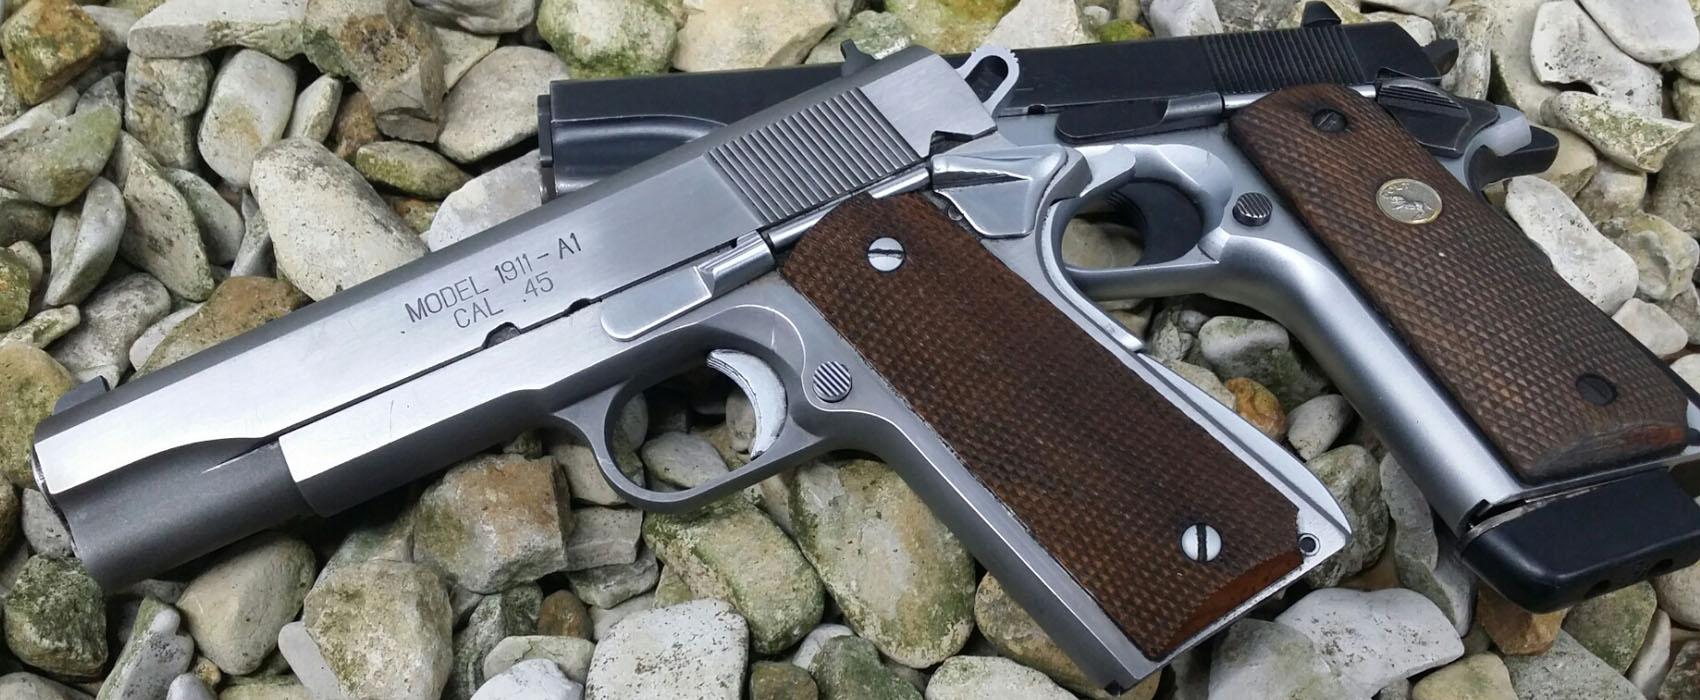 Zwei Pistolen Typ Colt 1911